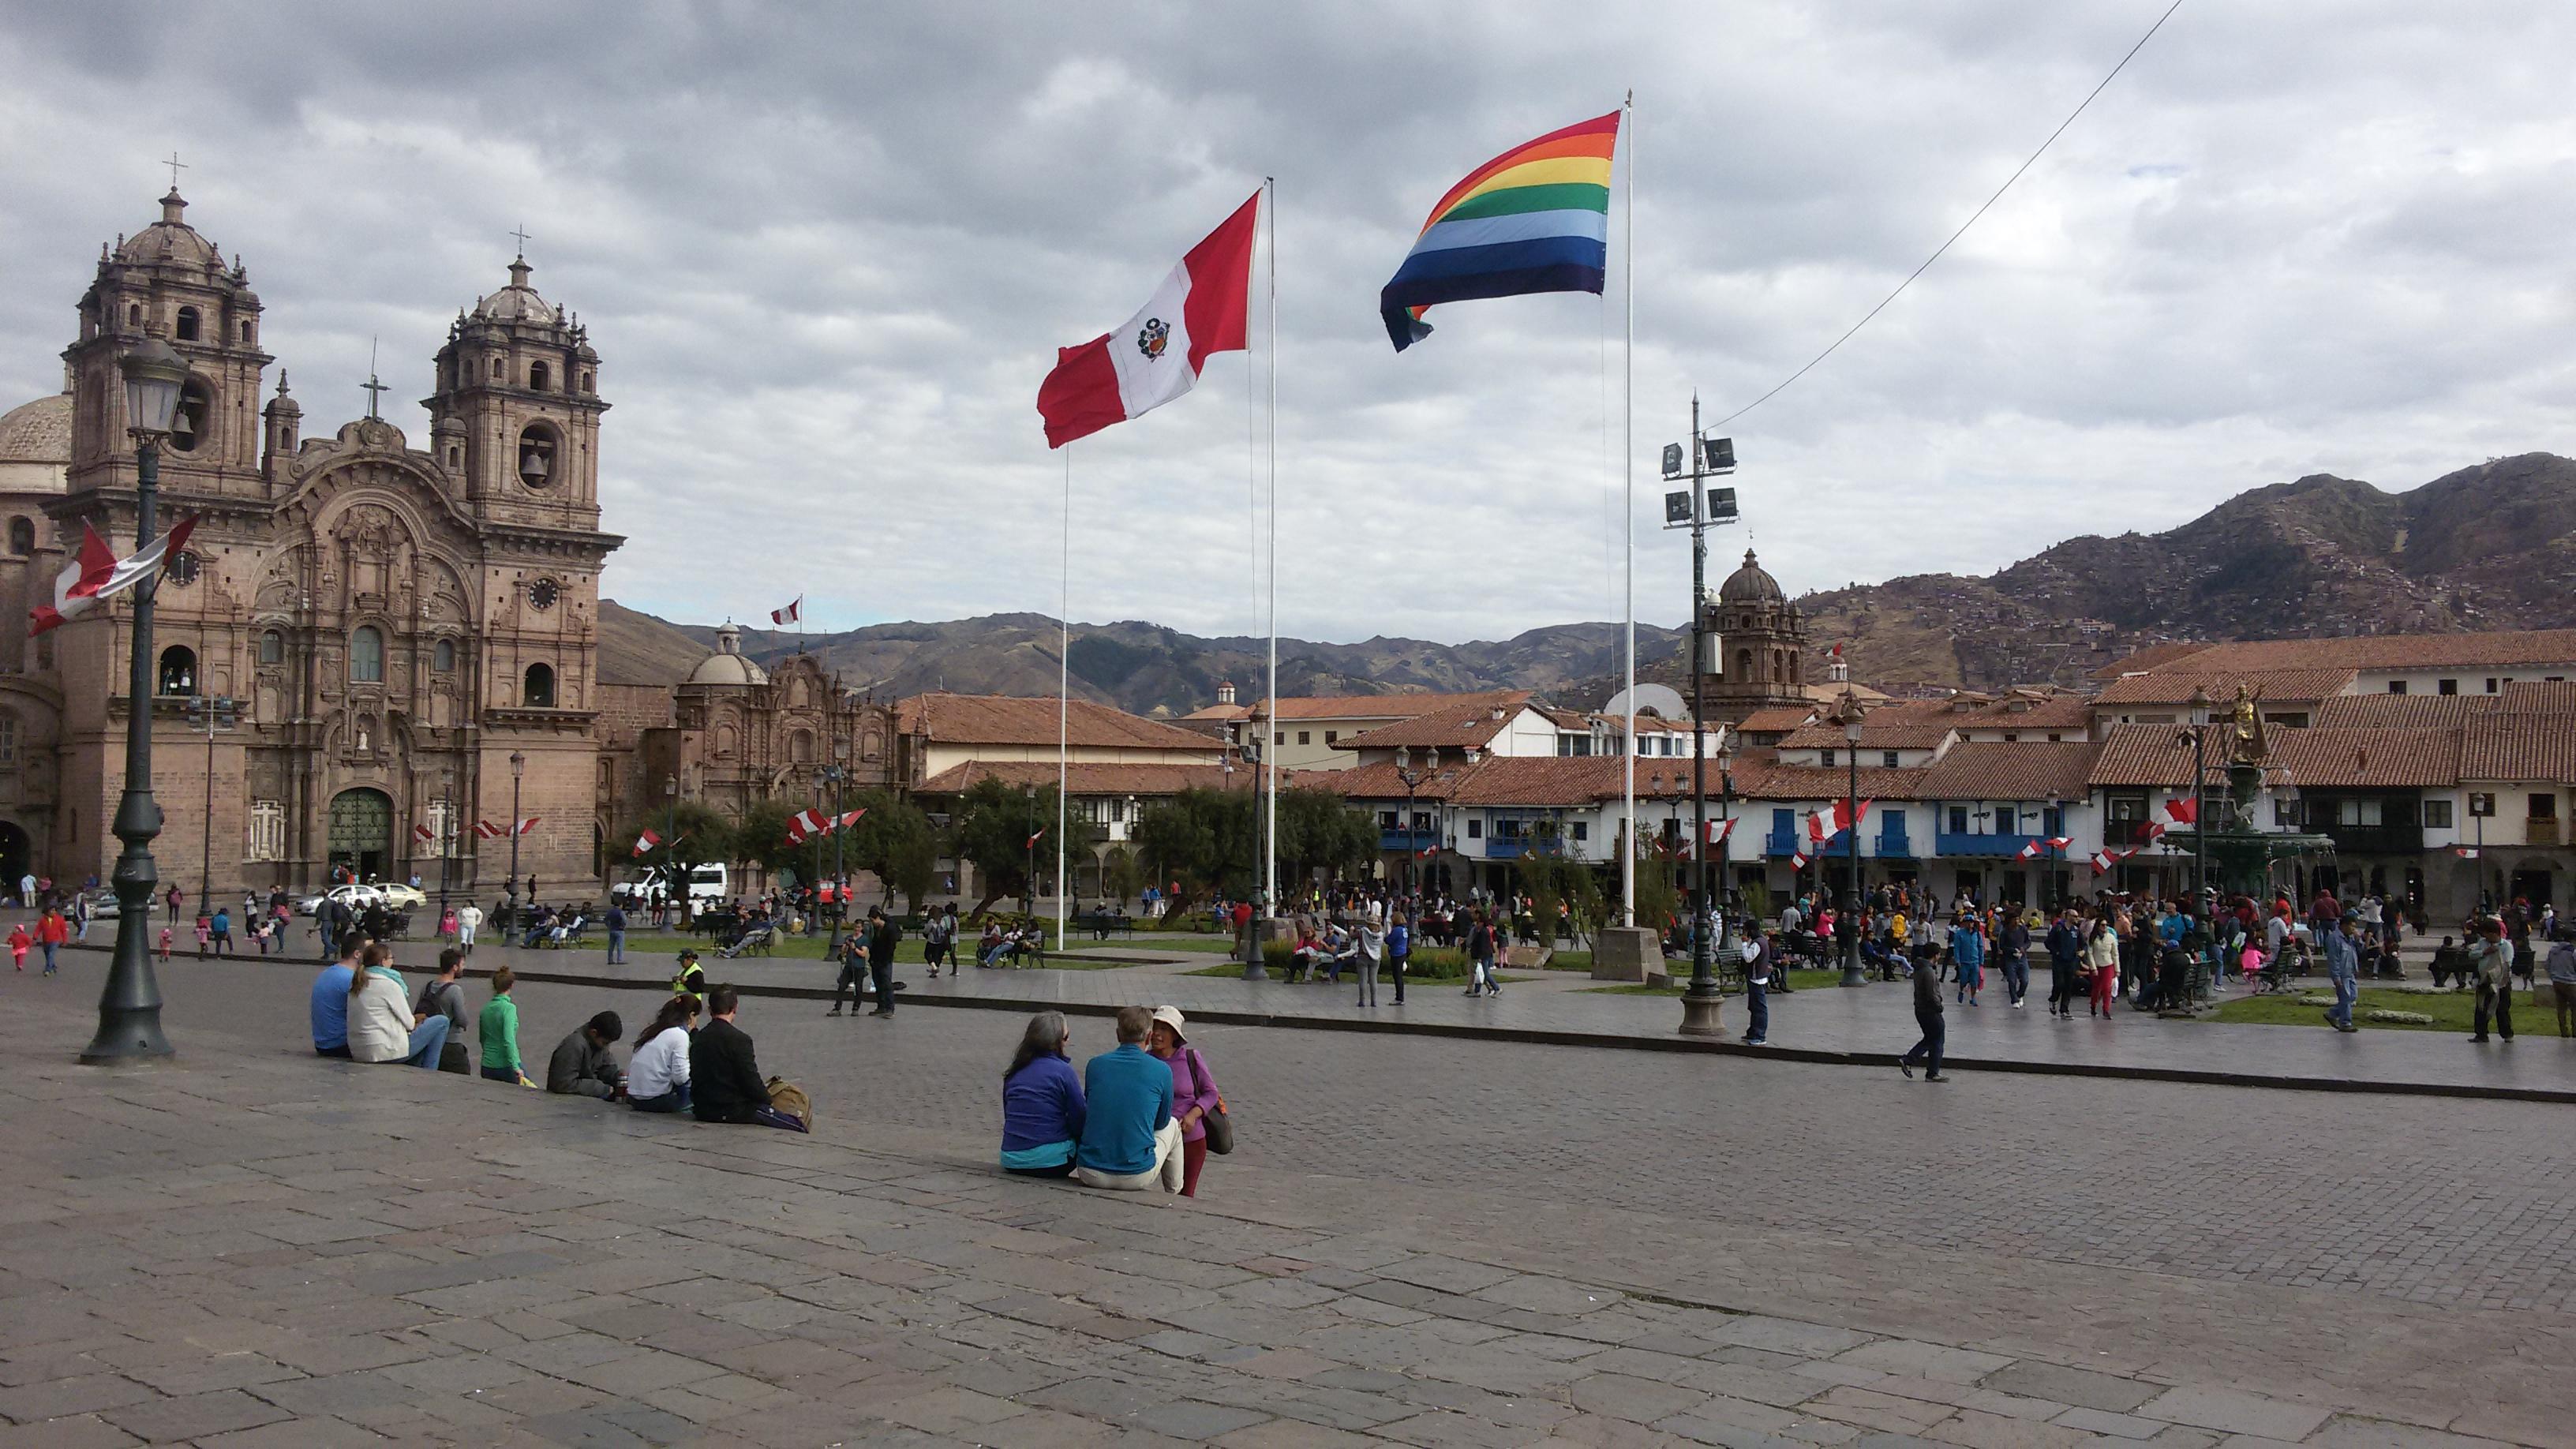 Cuzco, Peru (2016)